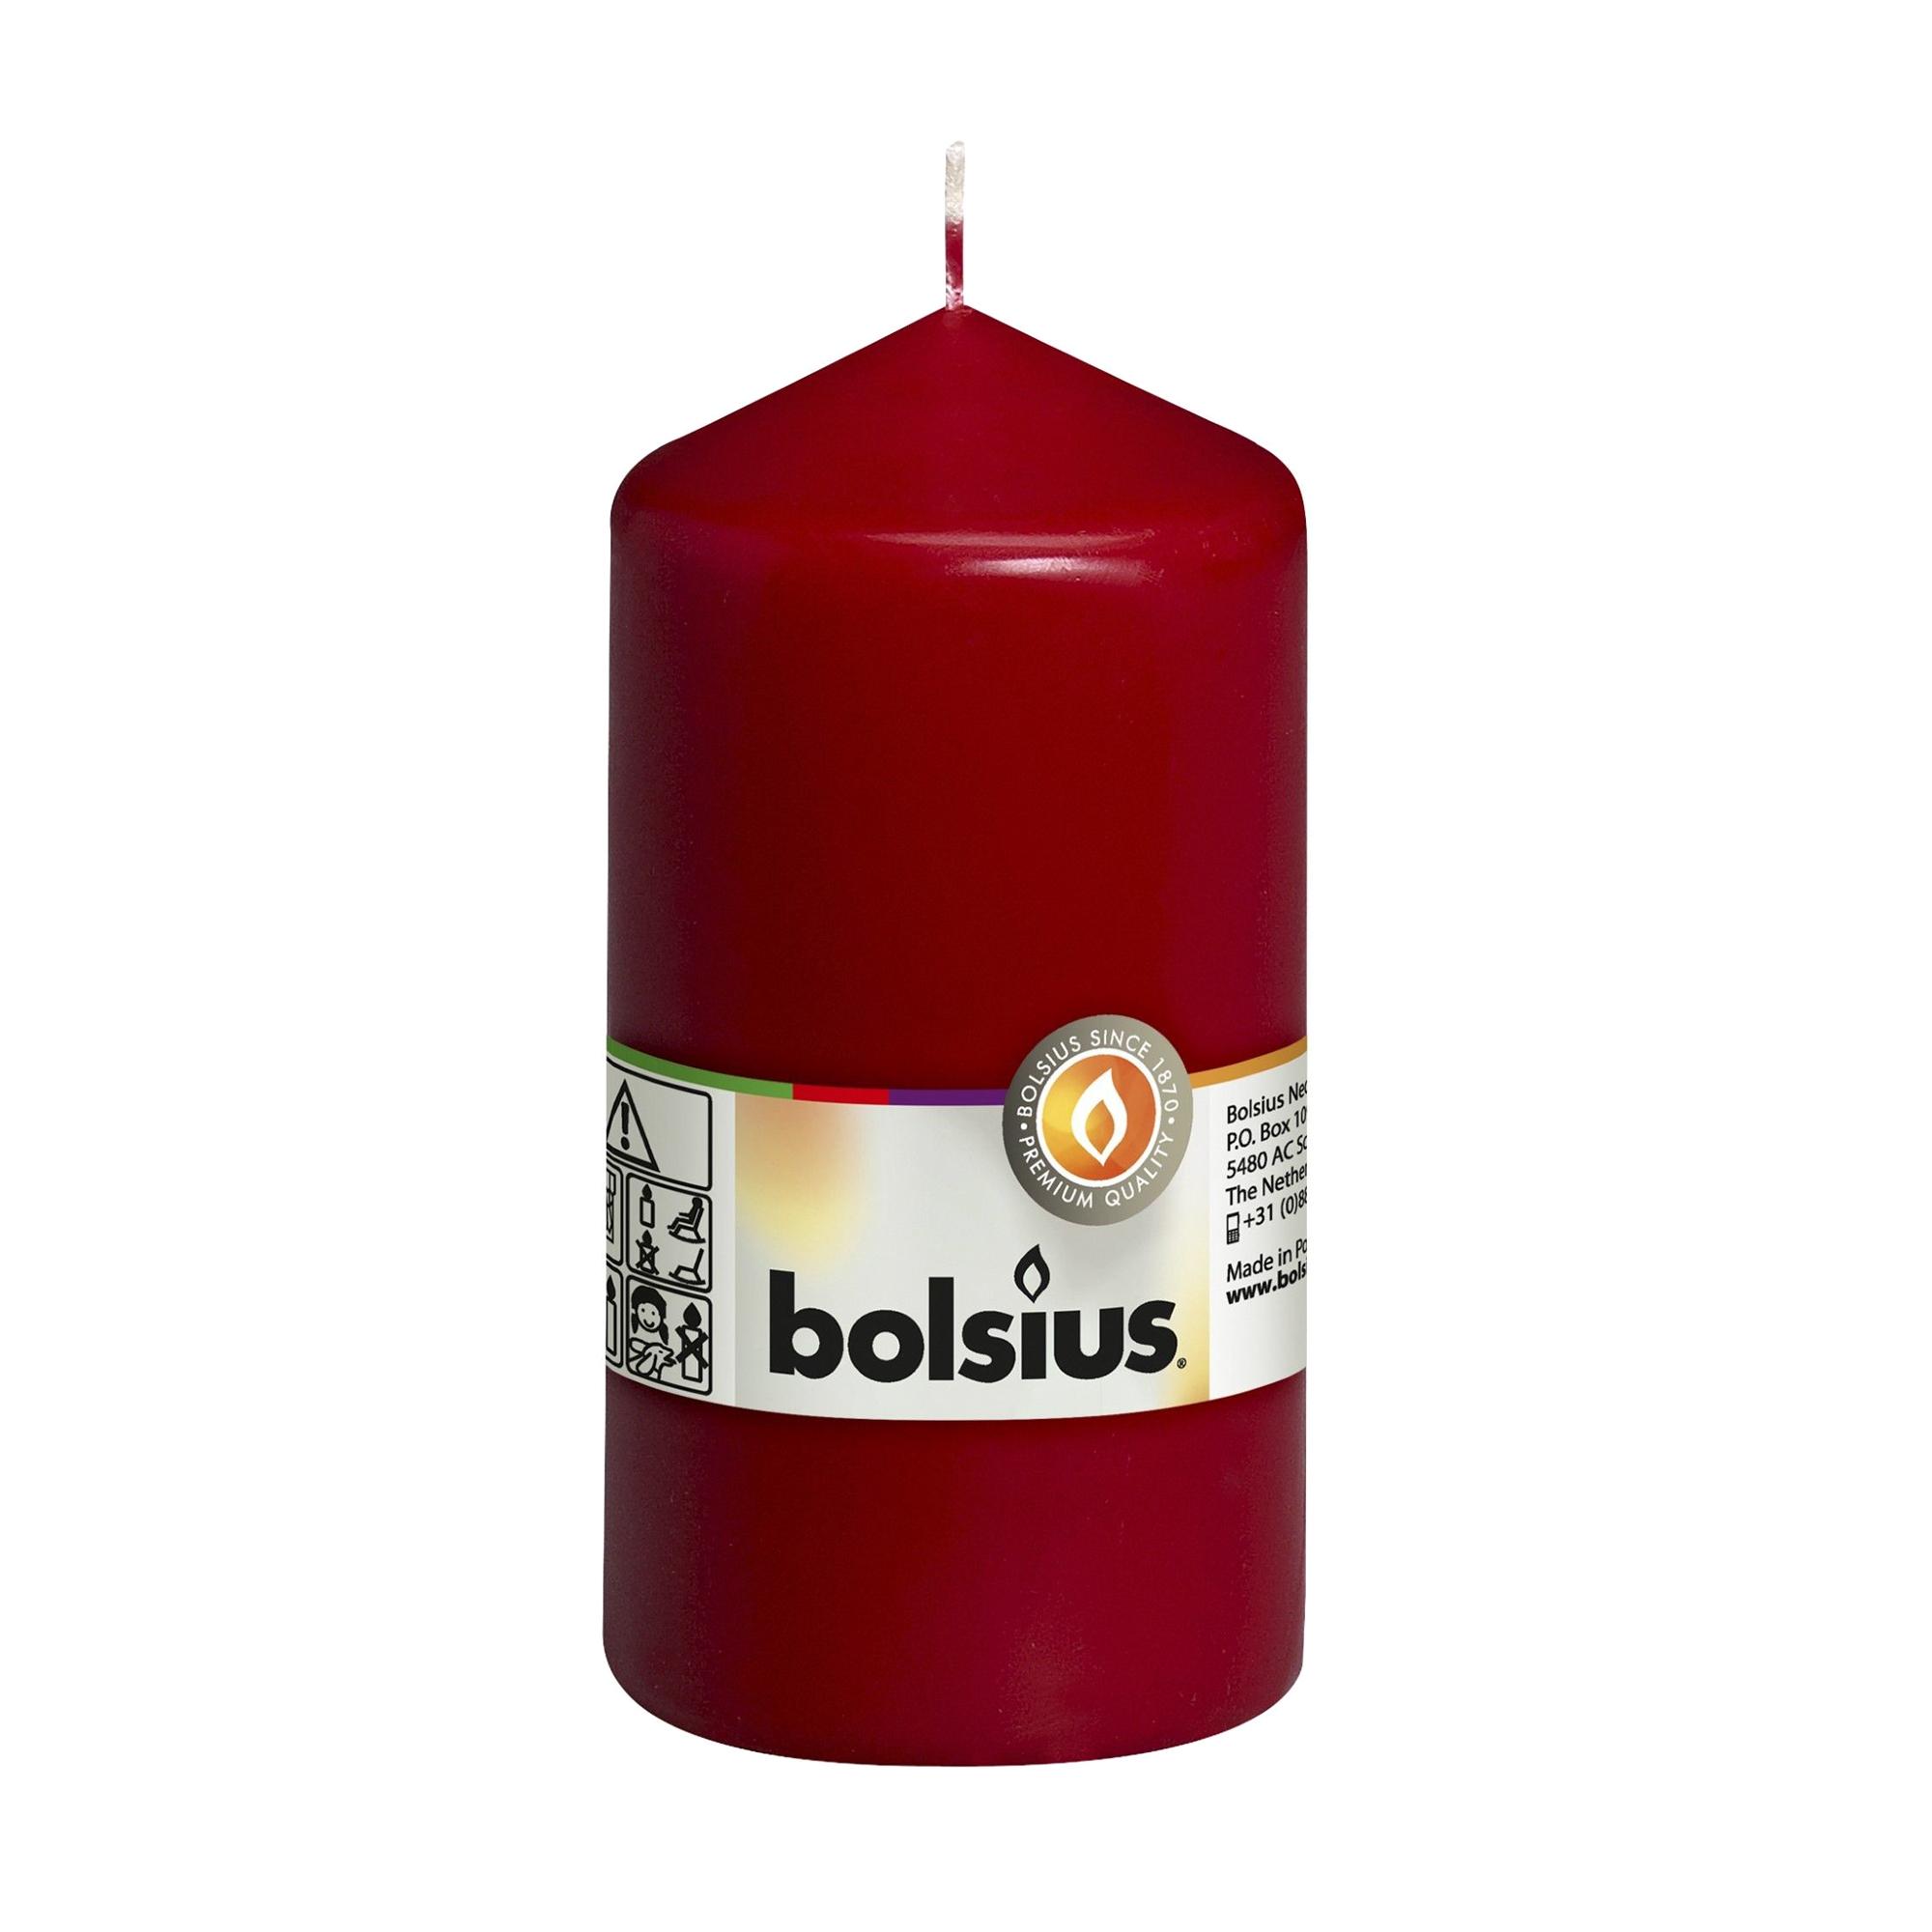 Фото - Свеча-столбик Bolsius 13x7 темно-красная свеча столбик bolsius 12x6 коричневая